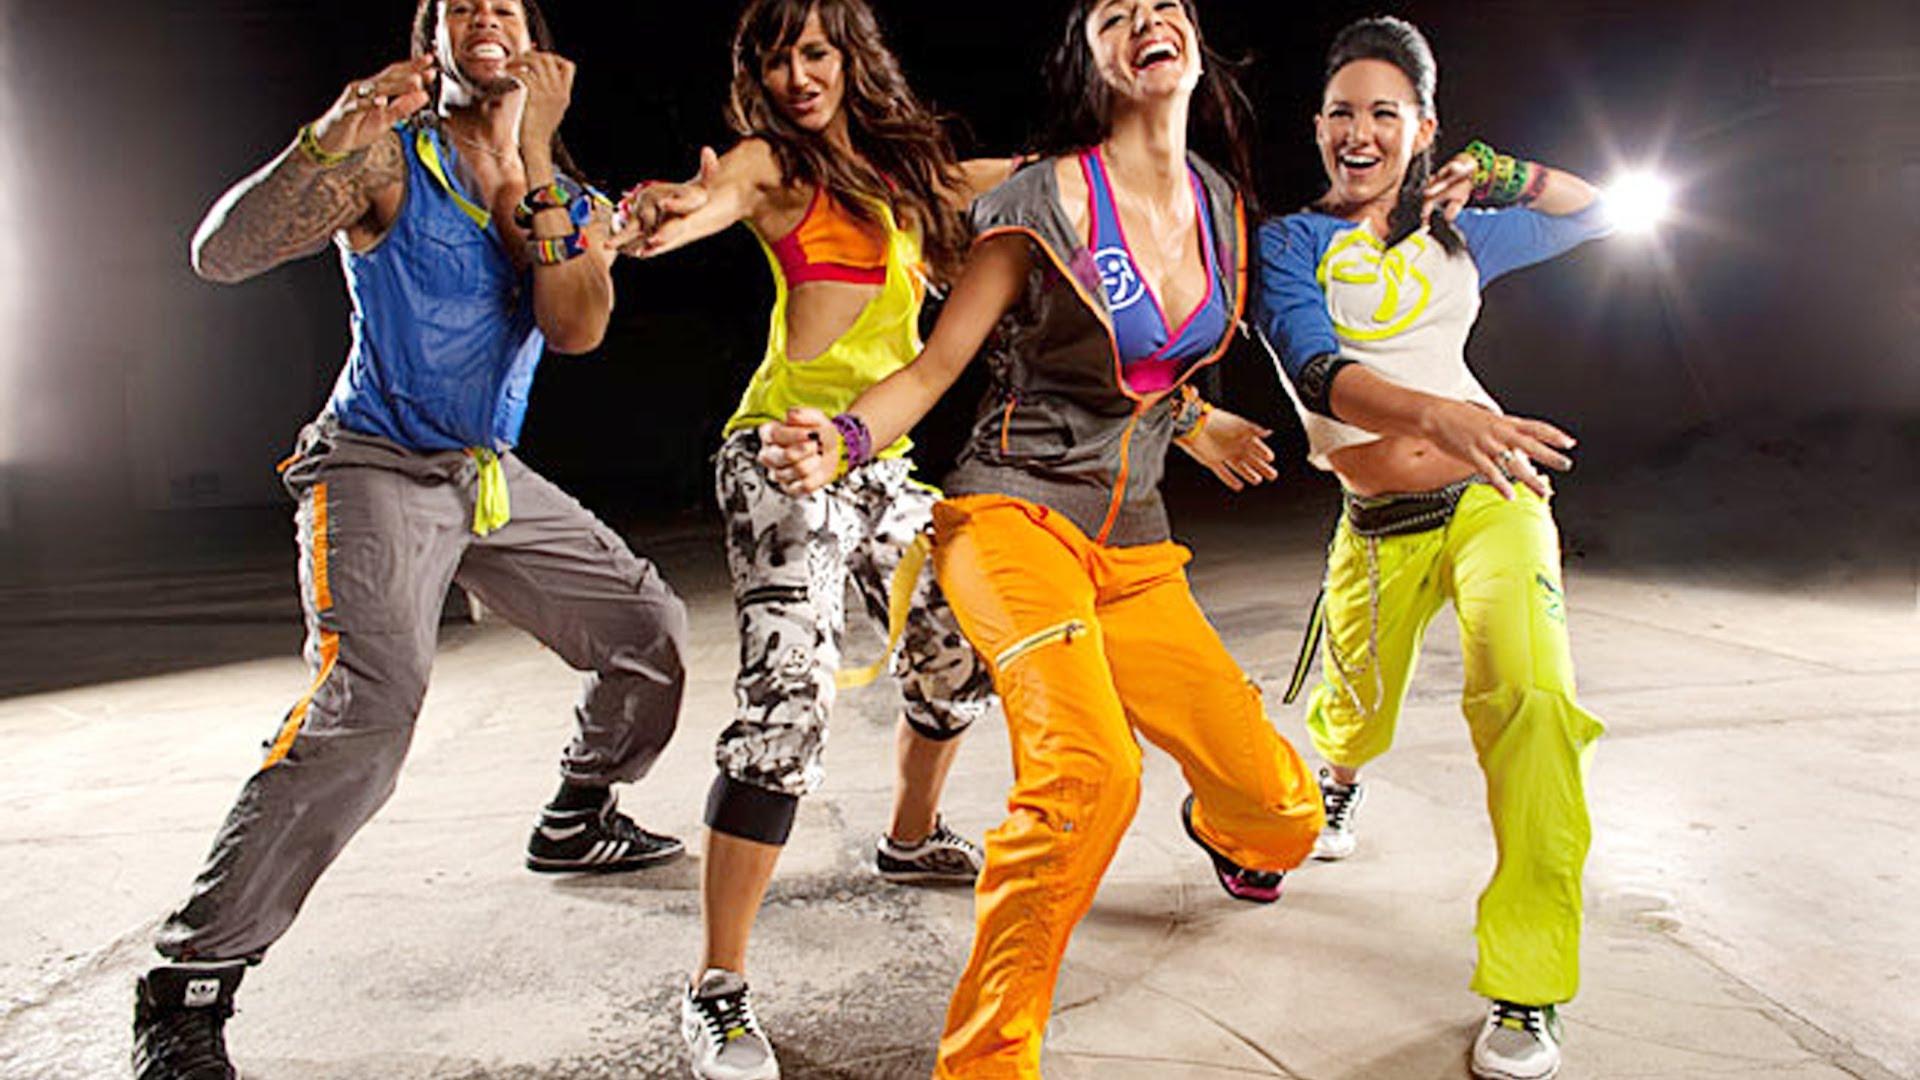 Какая одежда лучше всего подойдёт для зубмы – танцев для похудения?